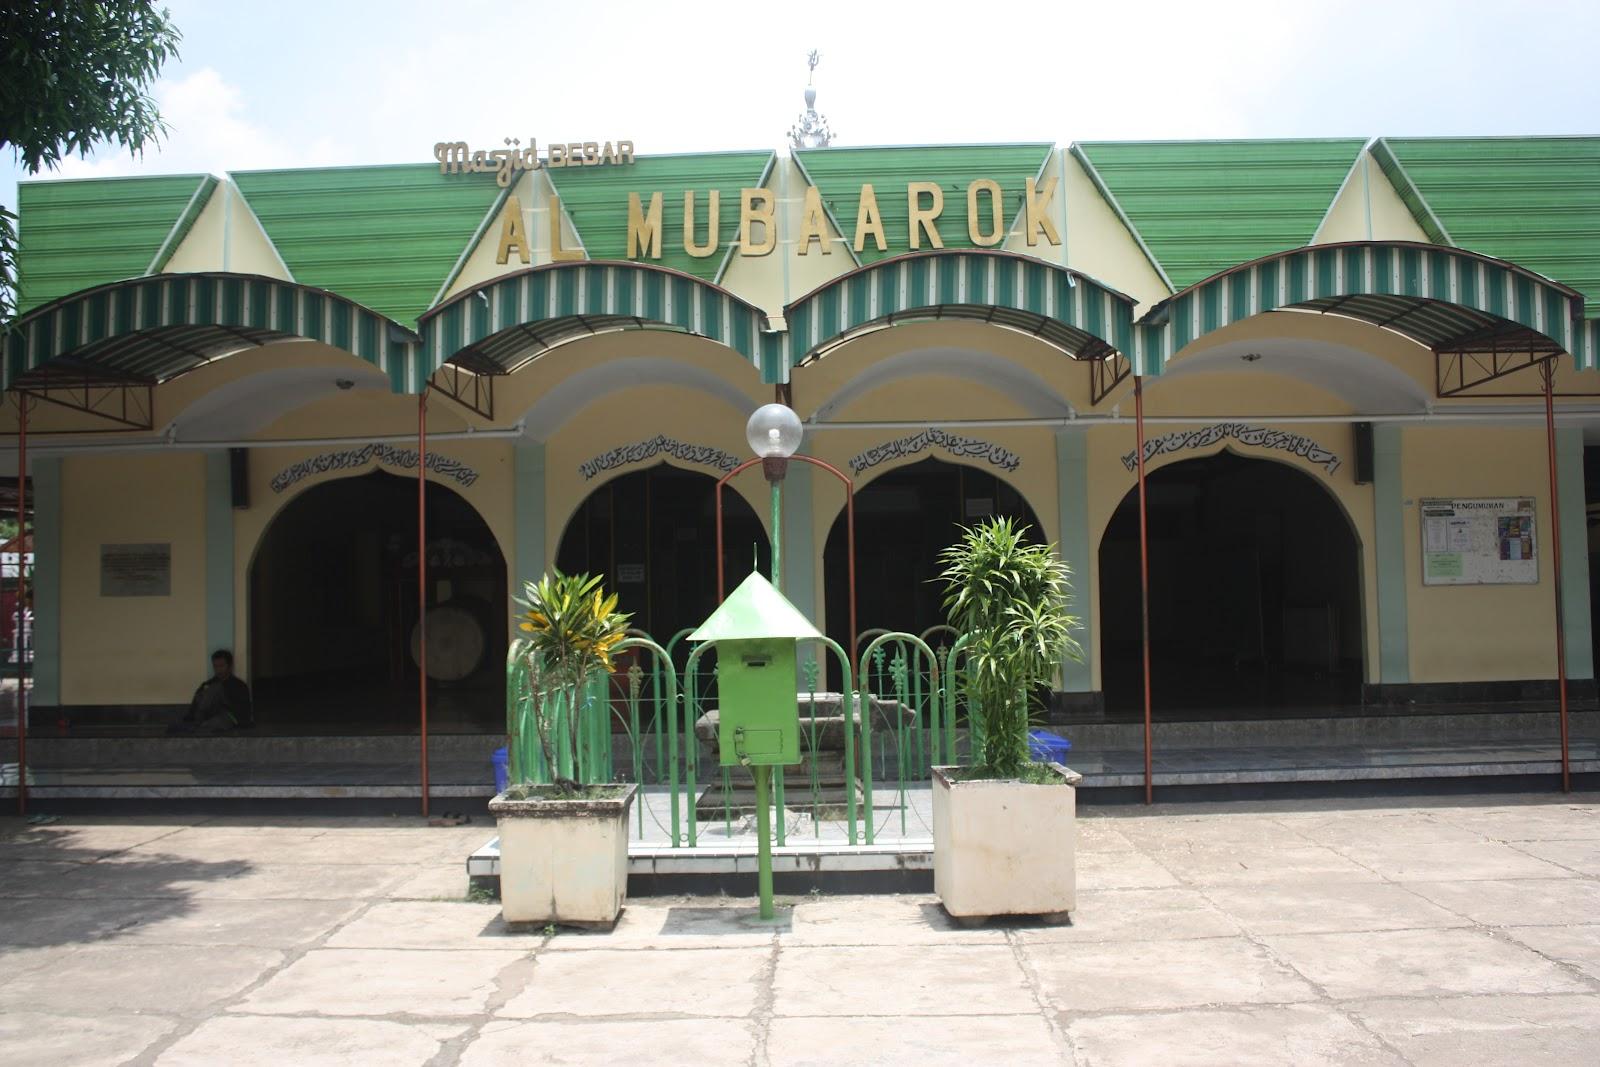 Sejarah Masjid Al Mubarok Berbek Nganjuk Yoni Kab